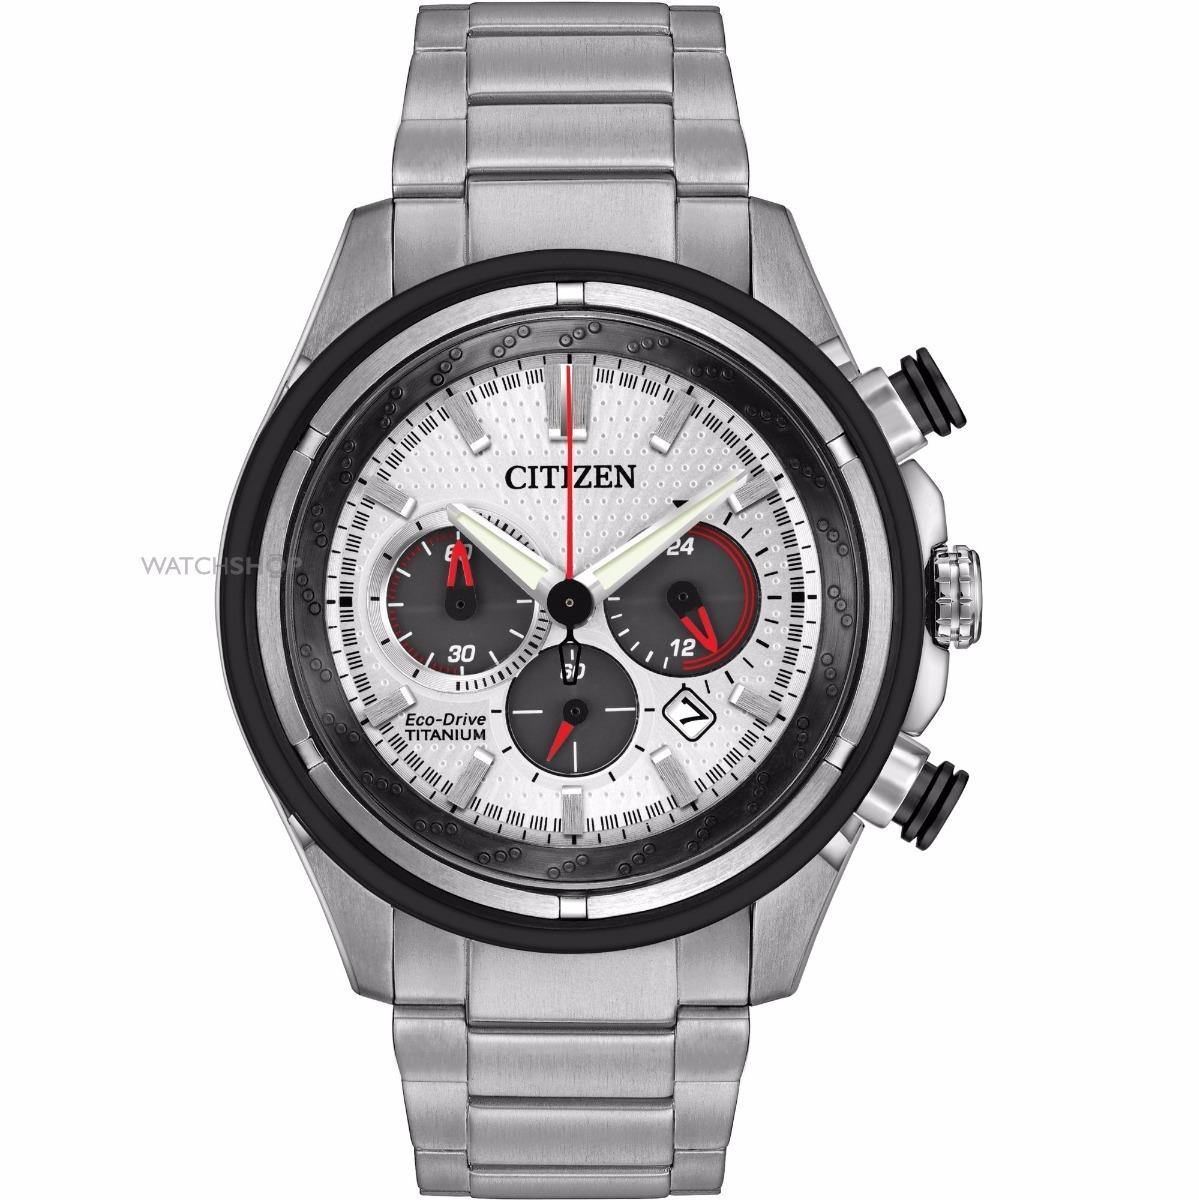 148d0e487e9 relógio citizen masculino eco-drive titanium tz30884q ca4240. Carregando  zoom.